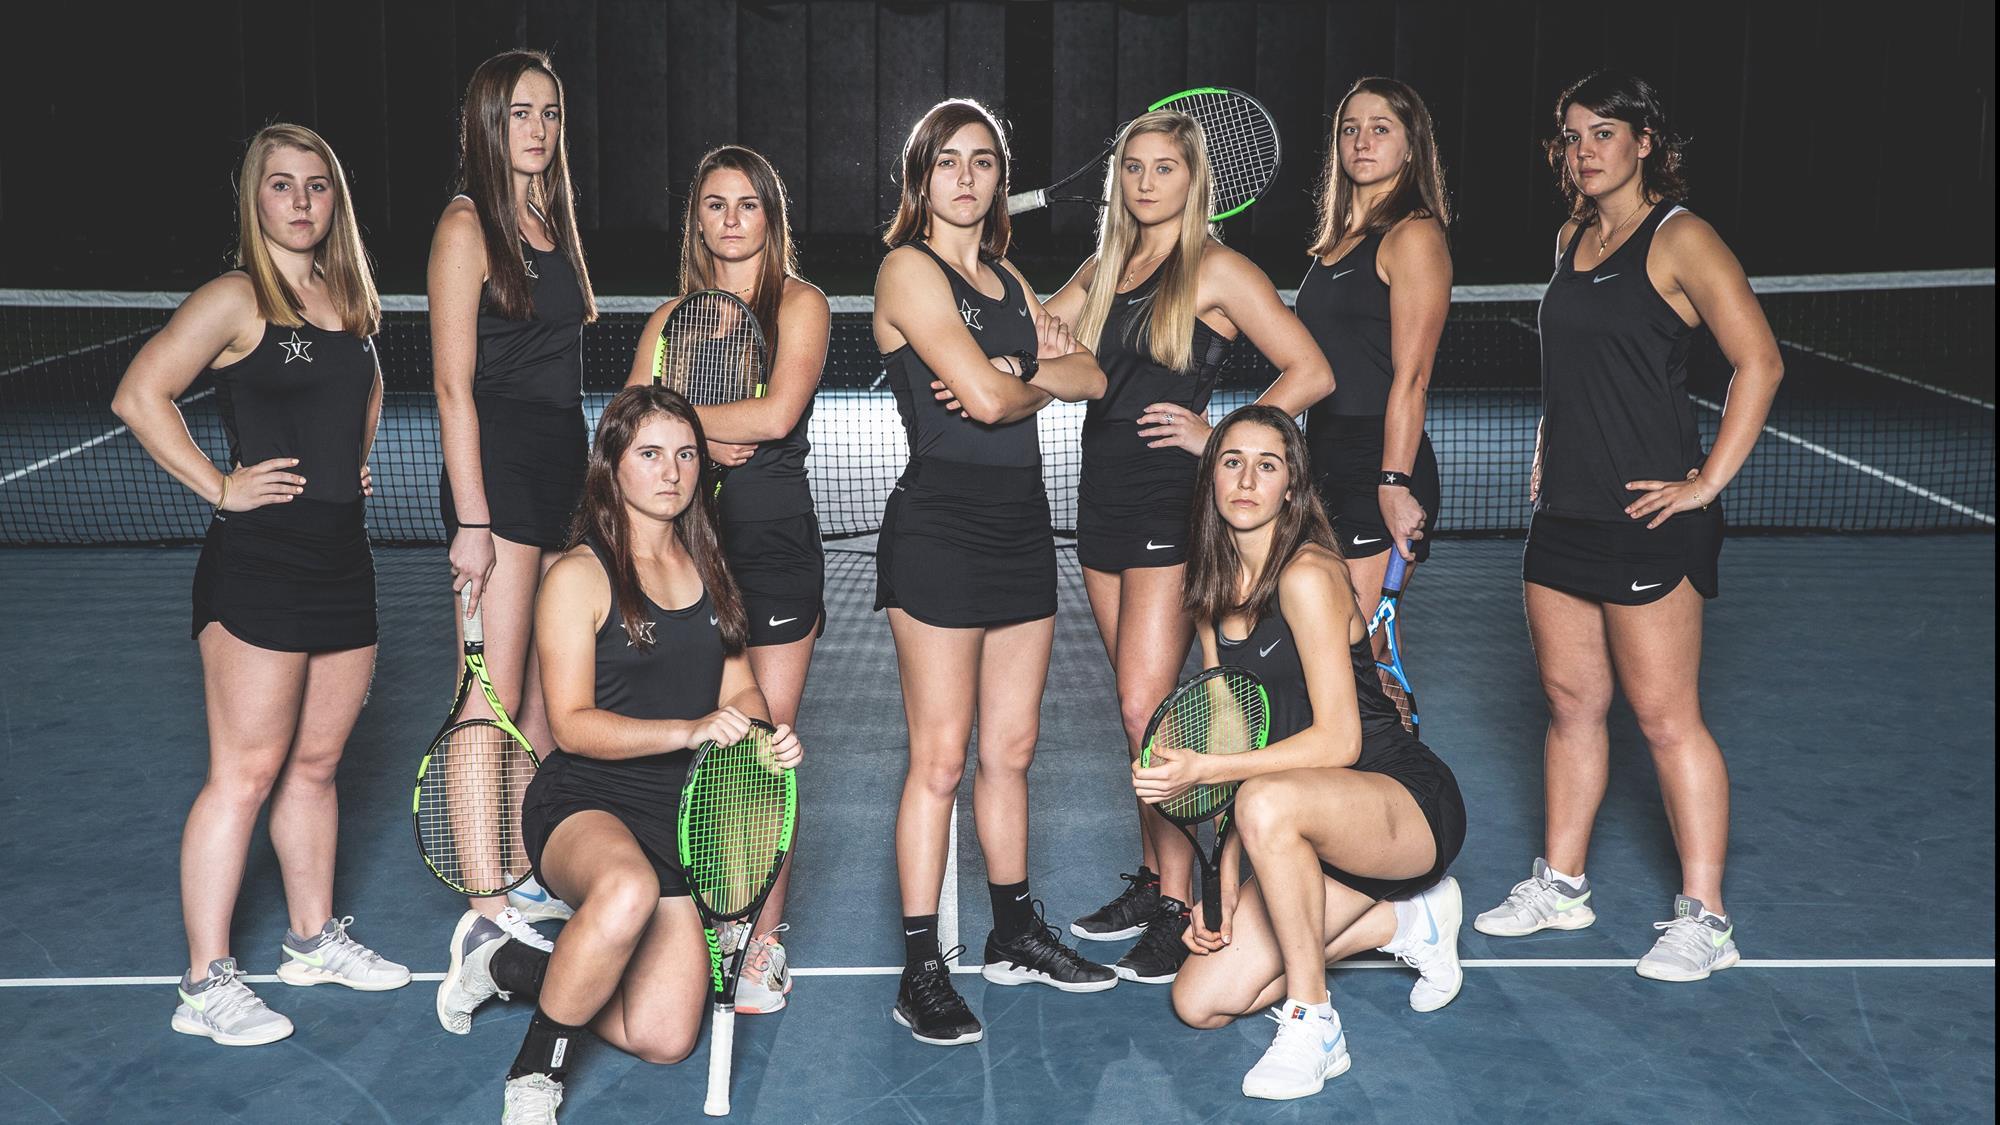 Women's Tennis Team 2018-19